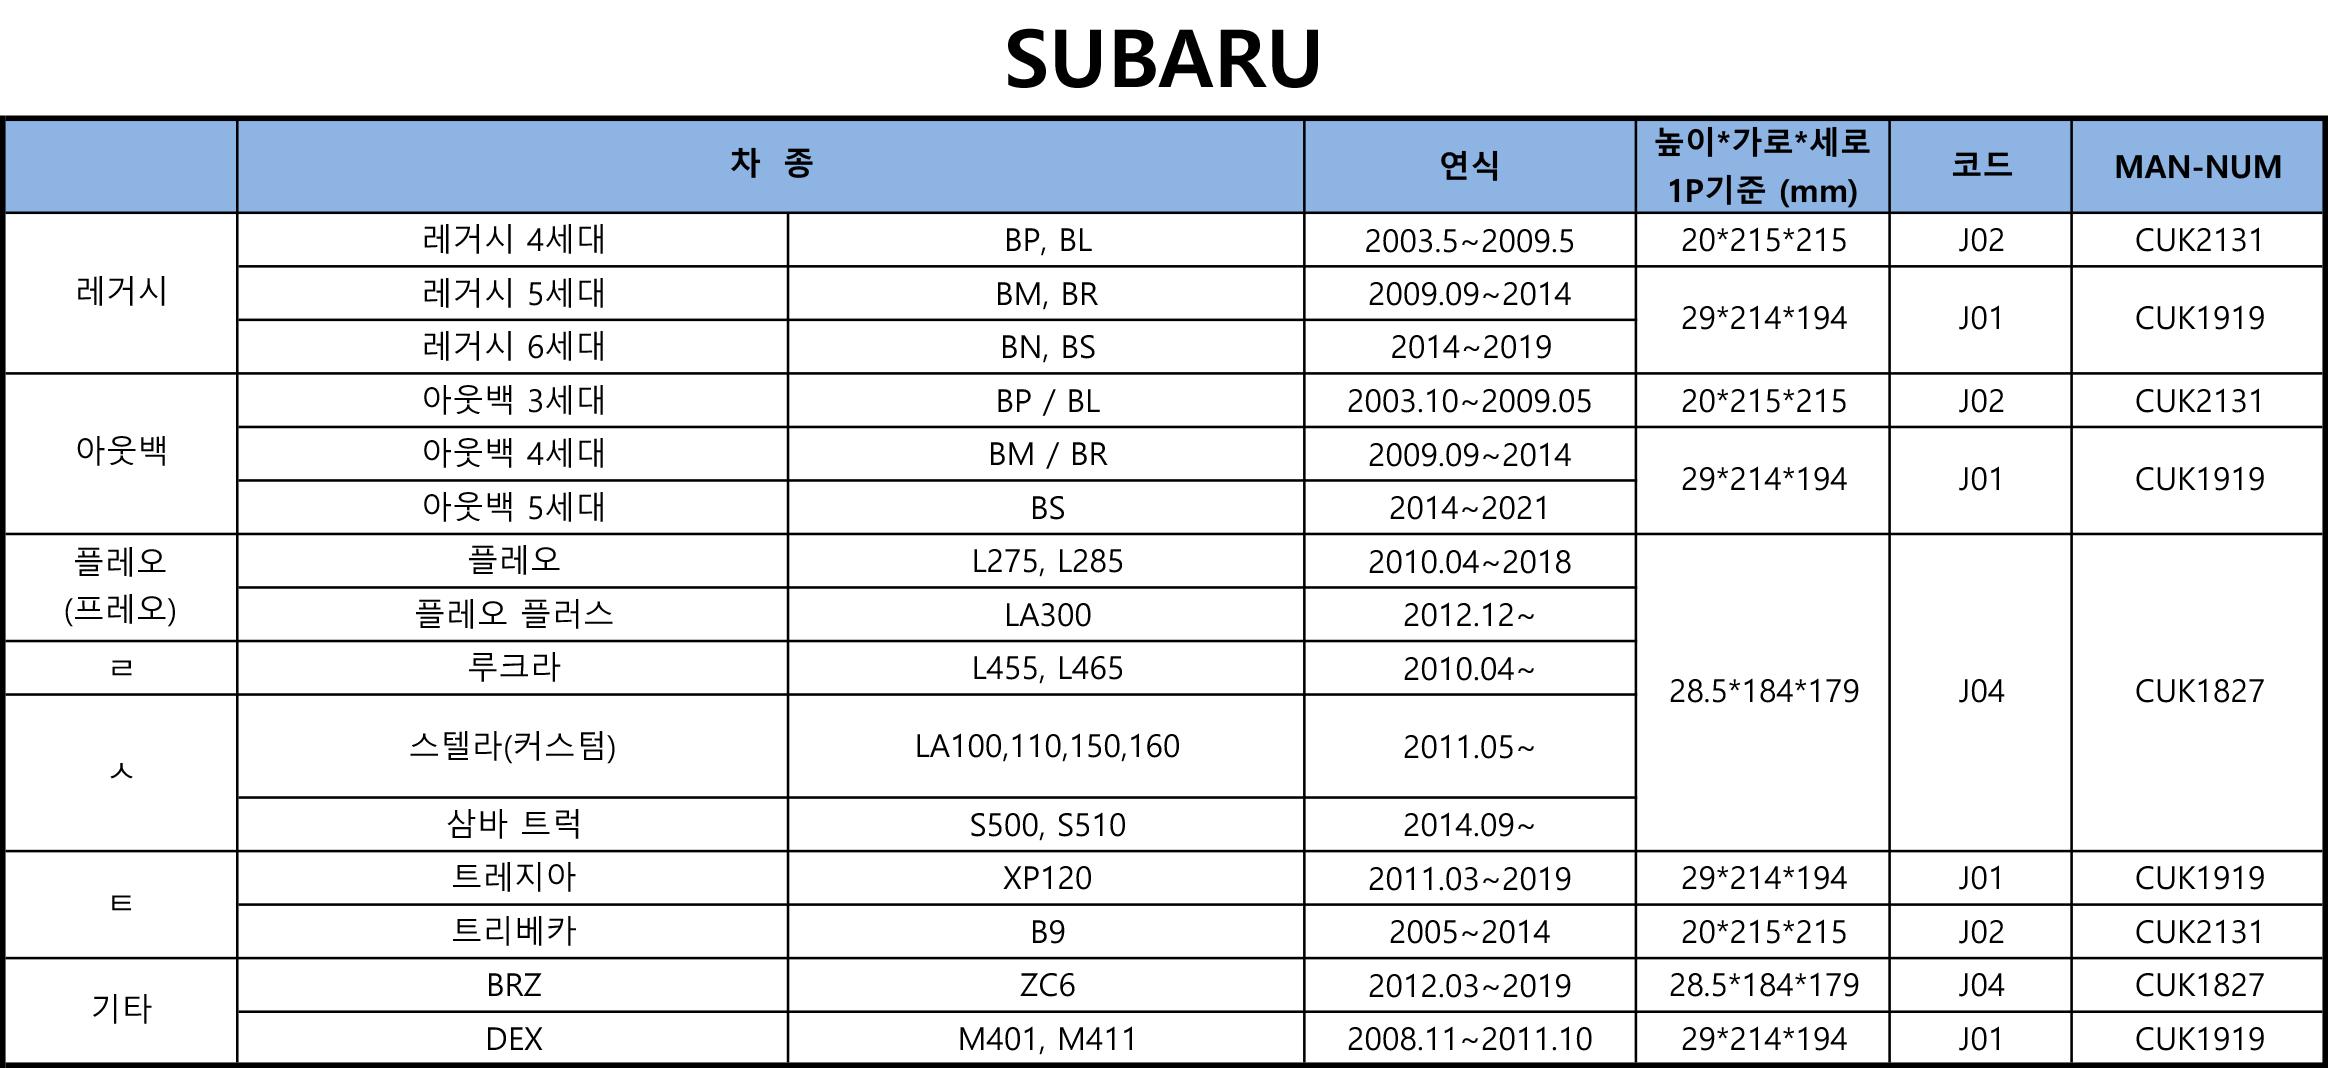 16-SUBARU.png